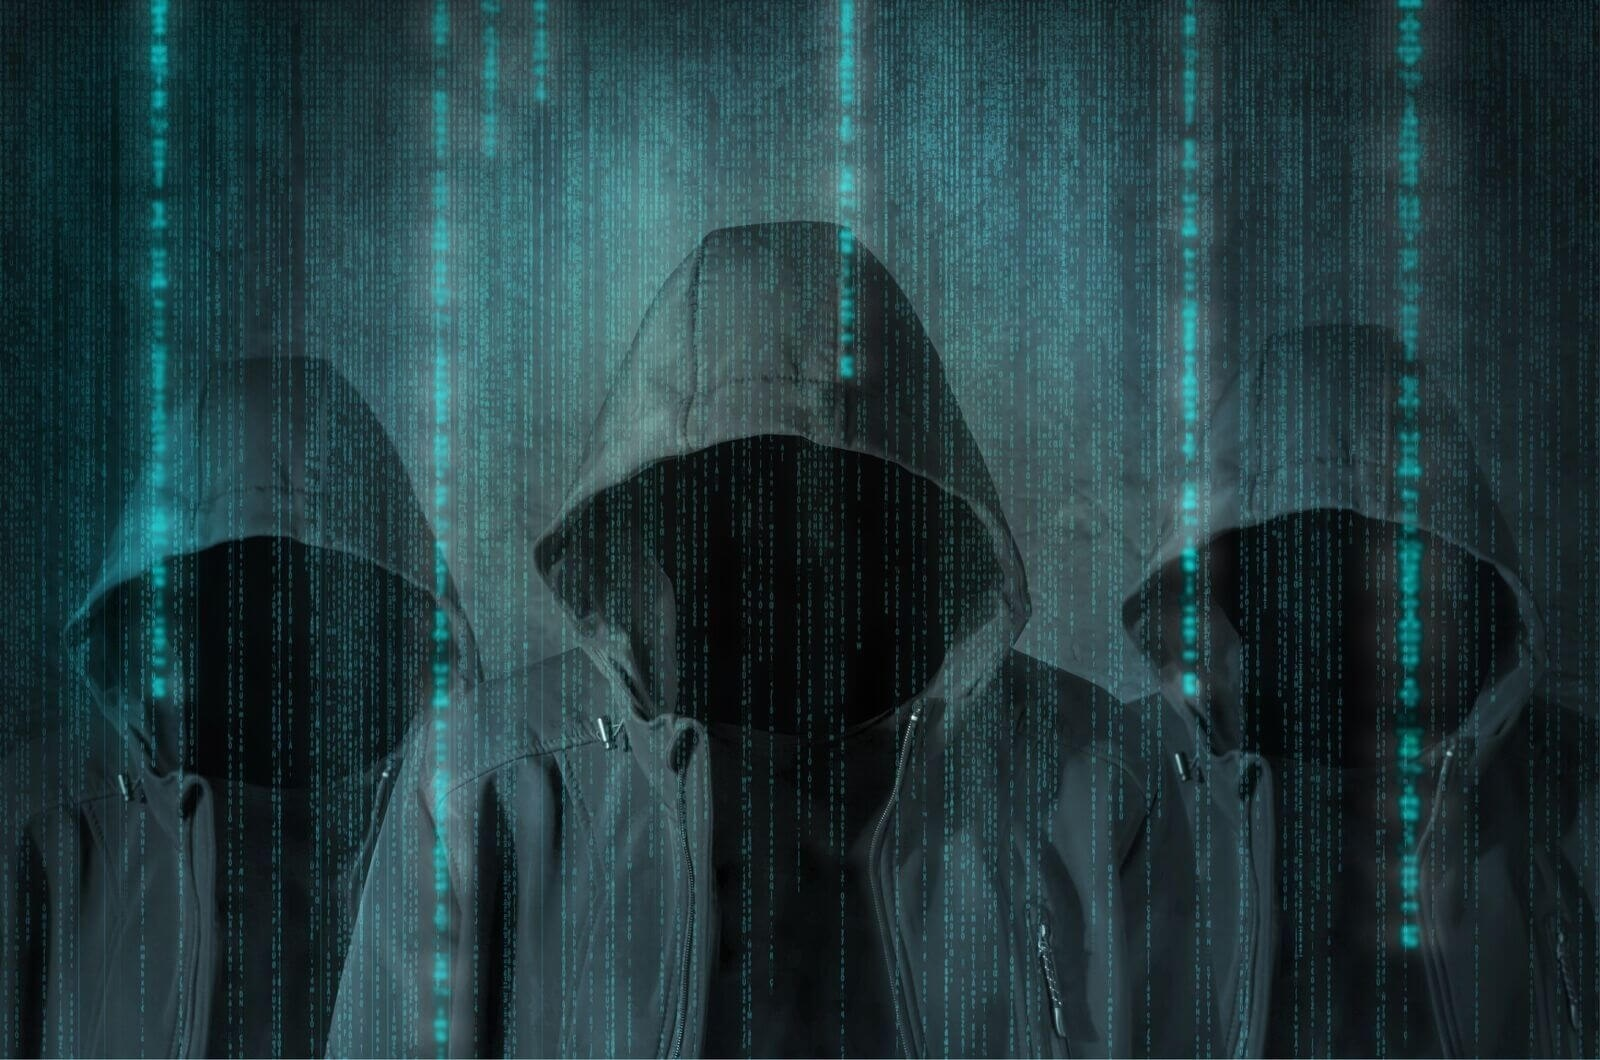 【第16回】悪徳な金融機関の「犯罪集団」顔負けの狡猾な手口とは?